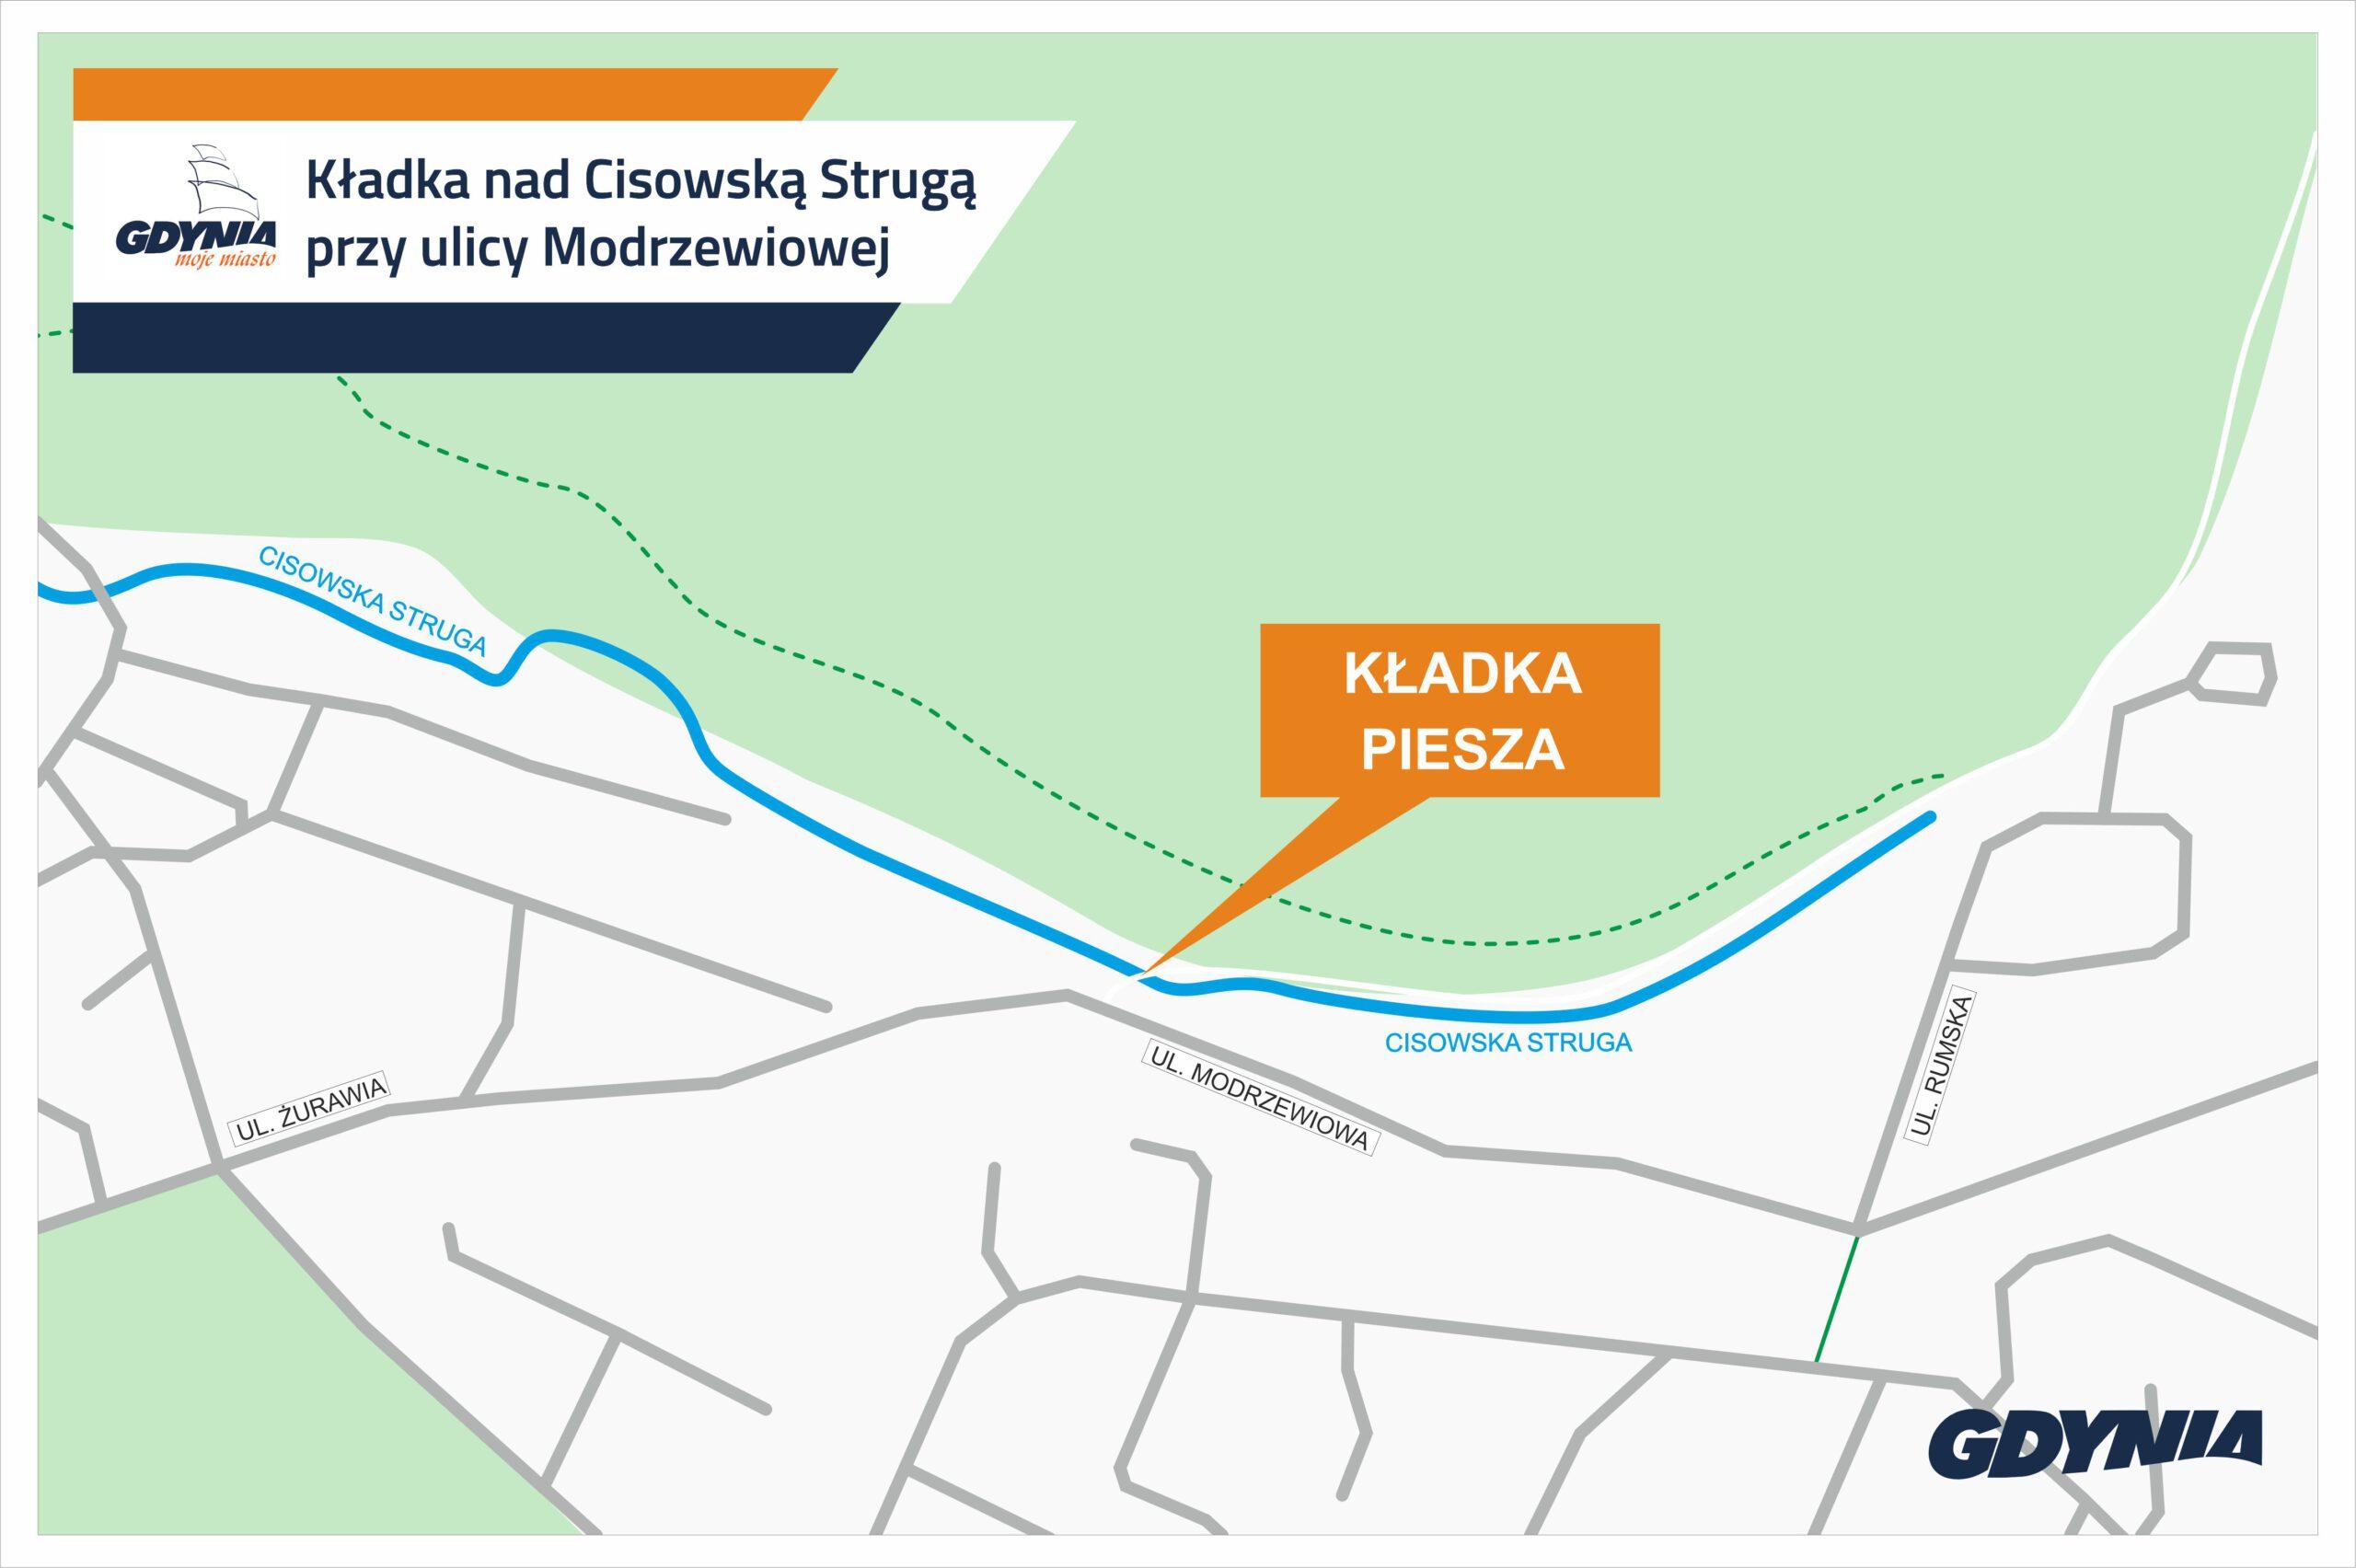 Kładka piesza nad Strugą Cisowską // mat. pras. #dzielnicewGdyni